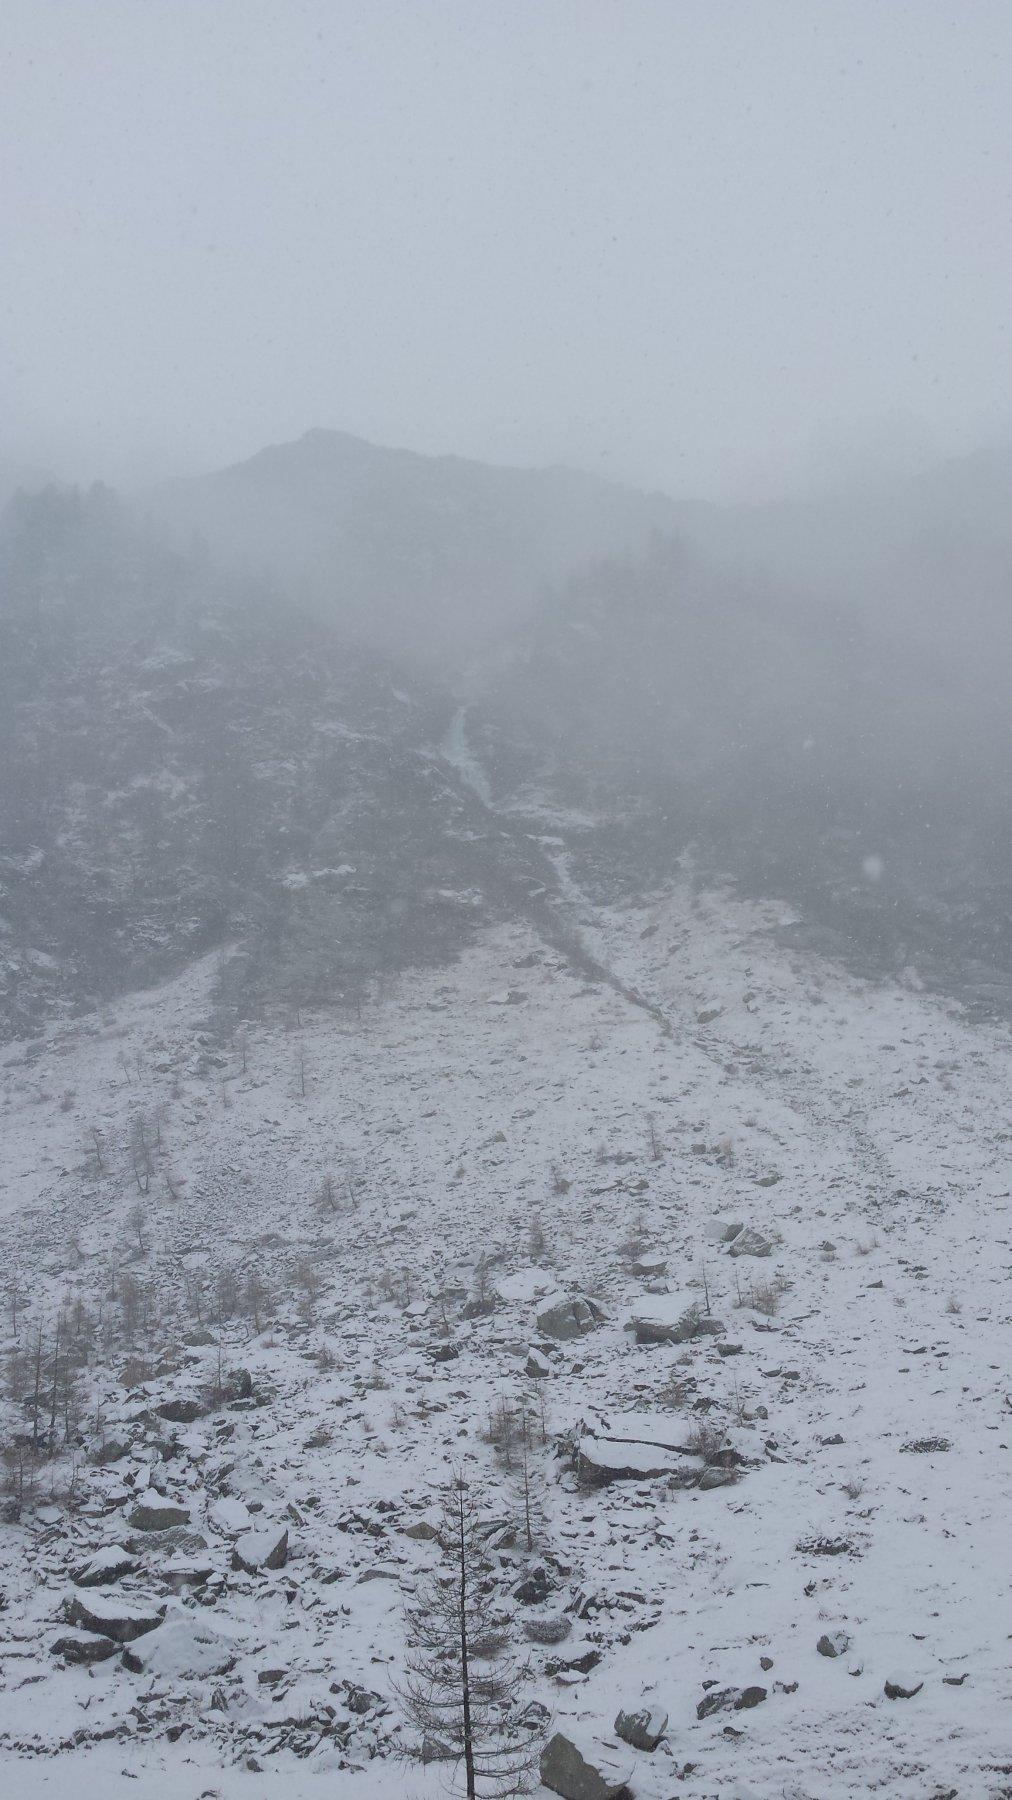 La cascata vista dall'Alpe Cialancia